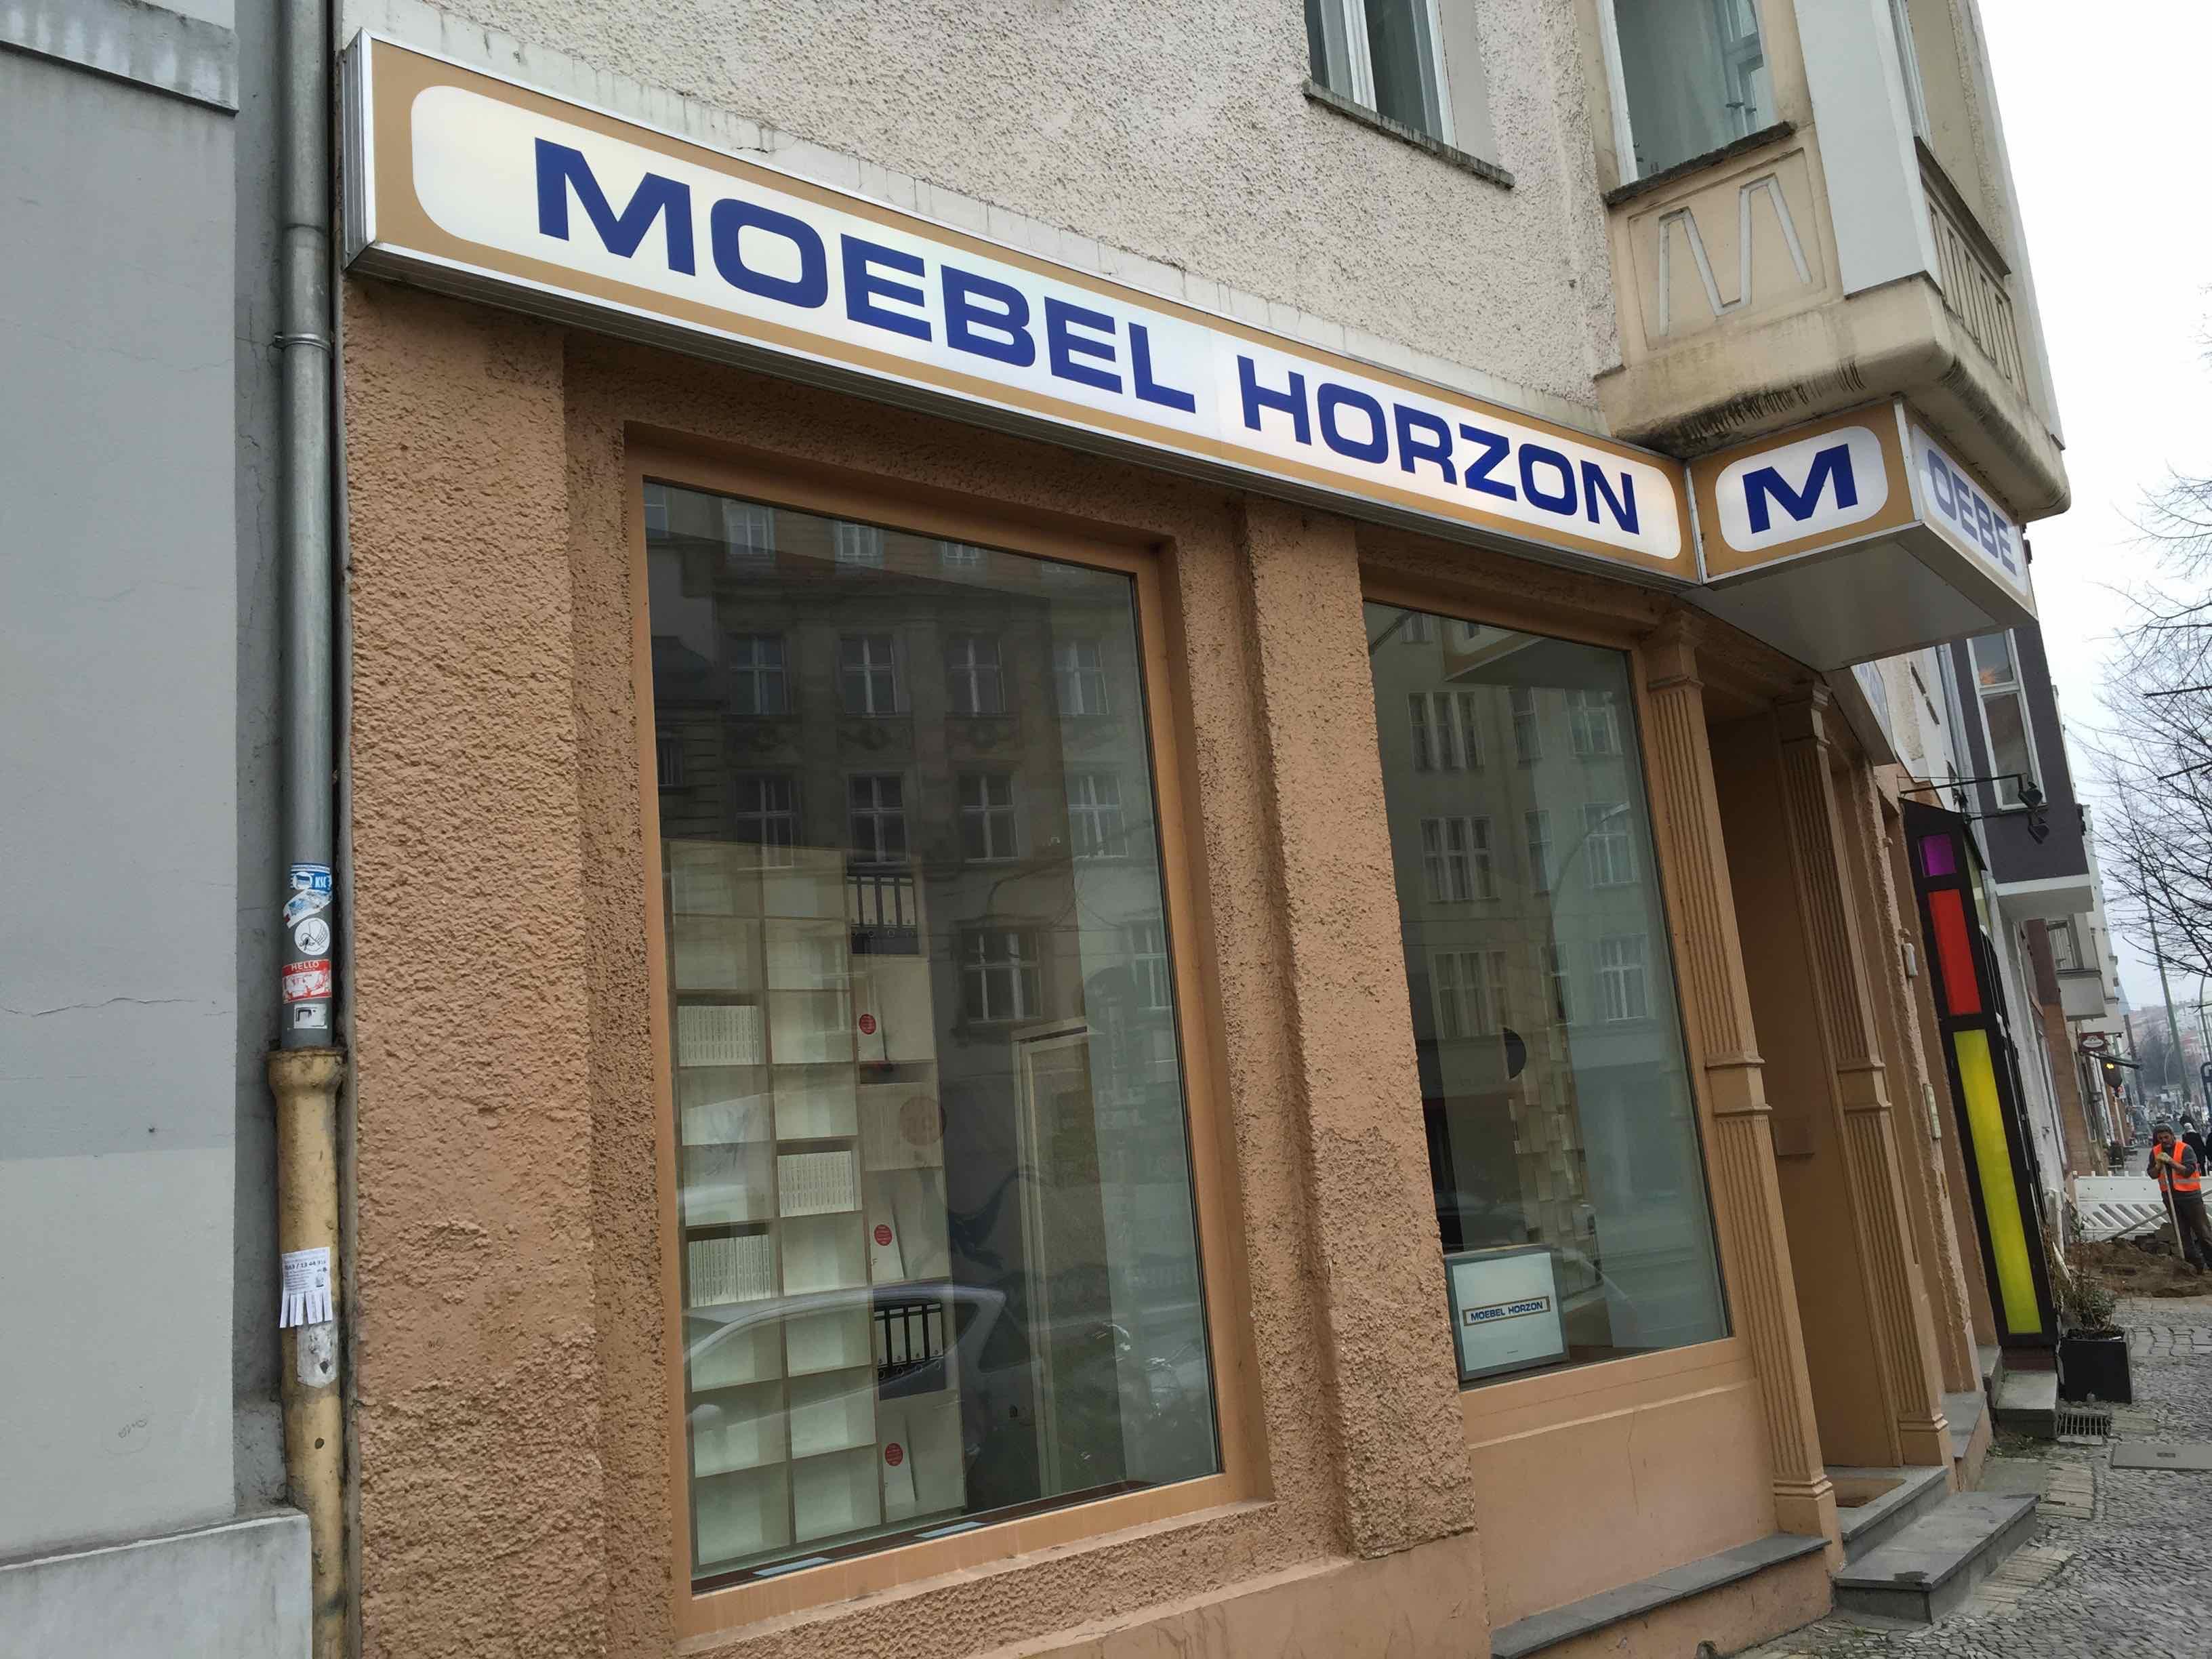 moebel horzon inventur. Black Bedroom Furniture Sets. Home Design Ideas